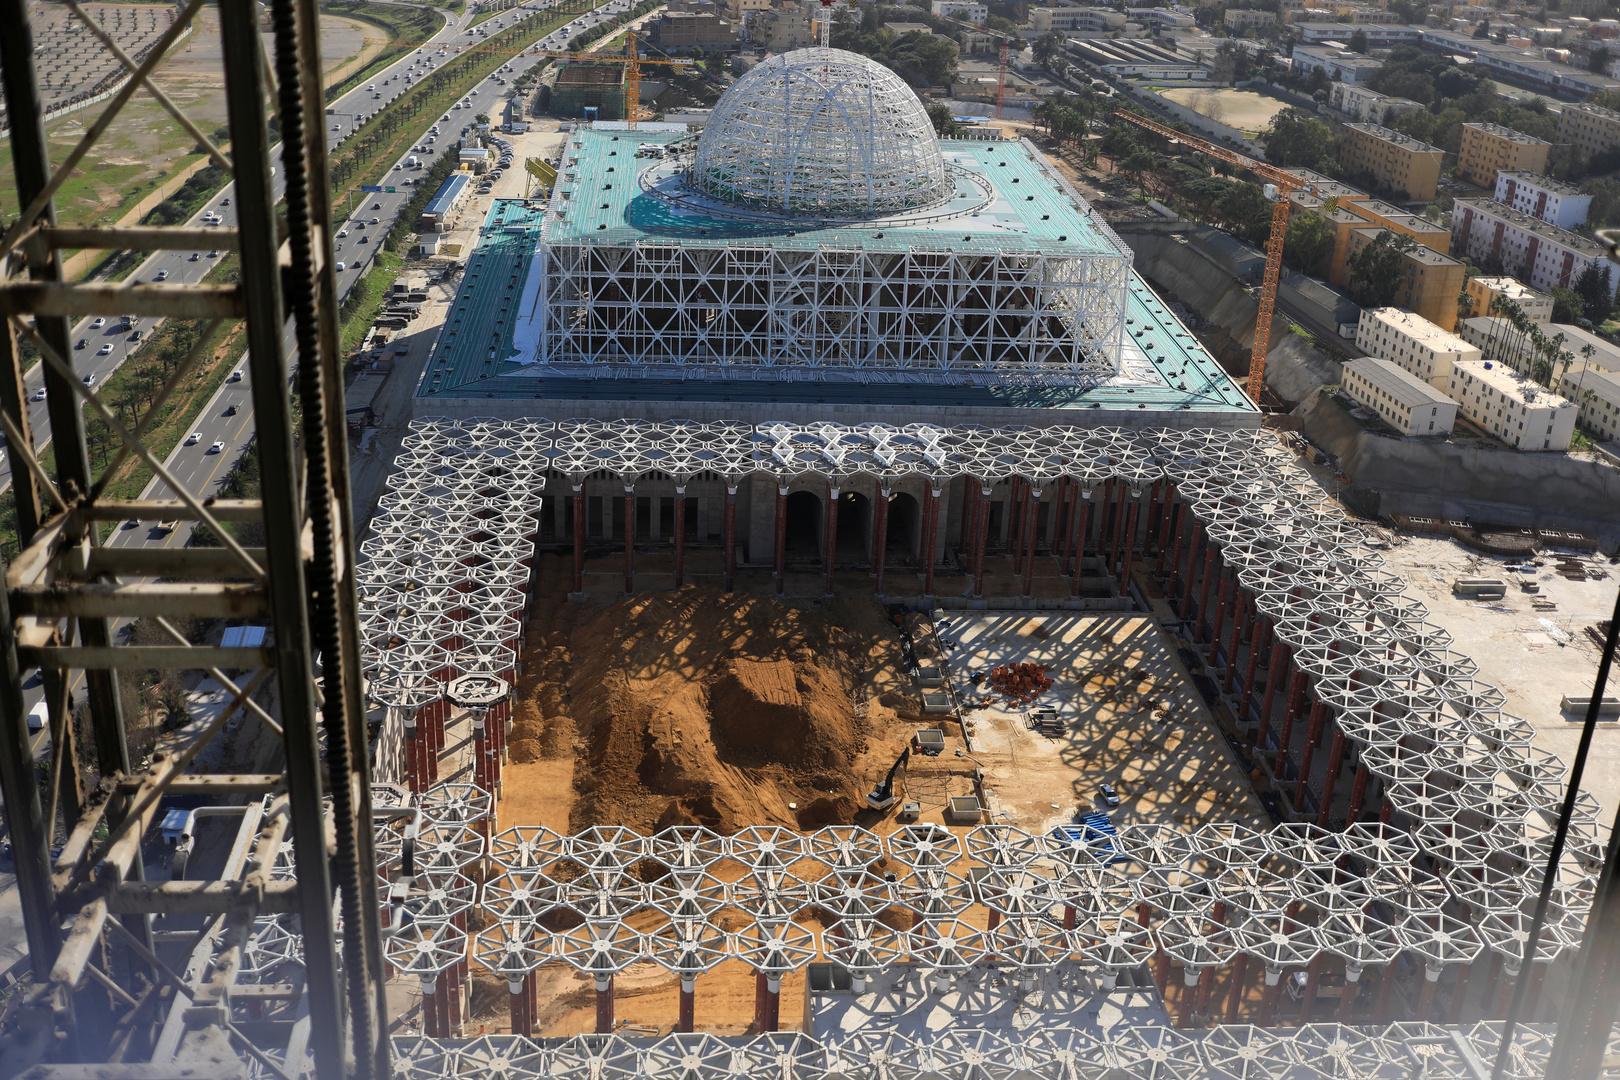 جامع الجزائر الأعظم في العاصمة الجزائرية خلال عملية الإنجاز